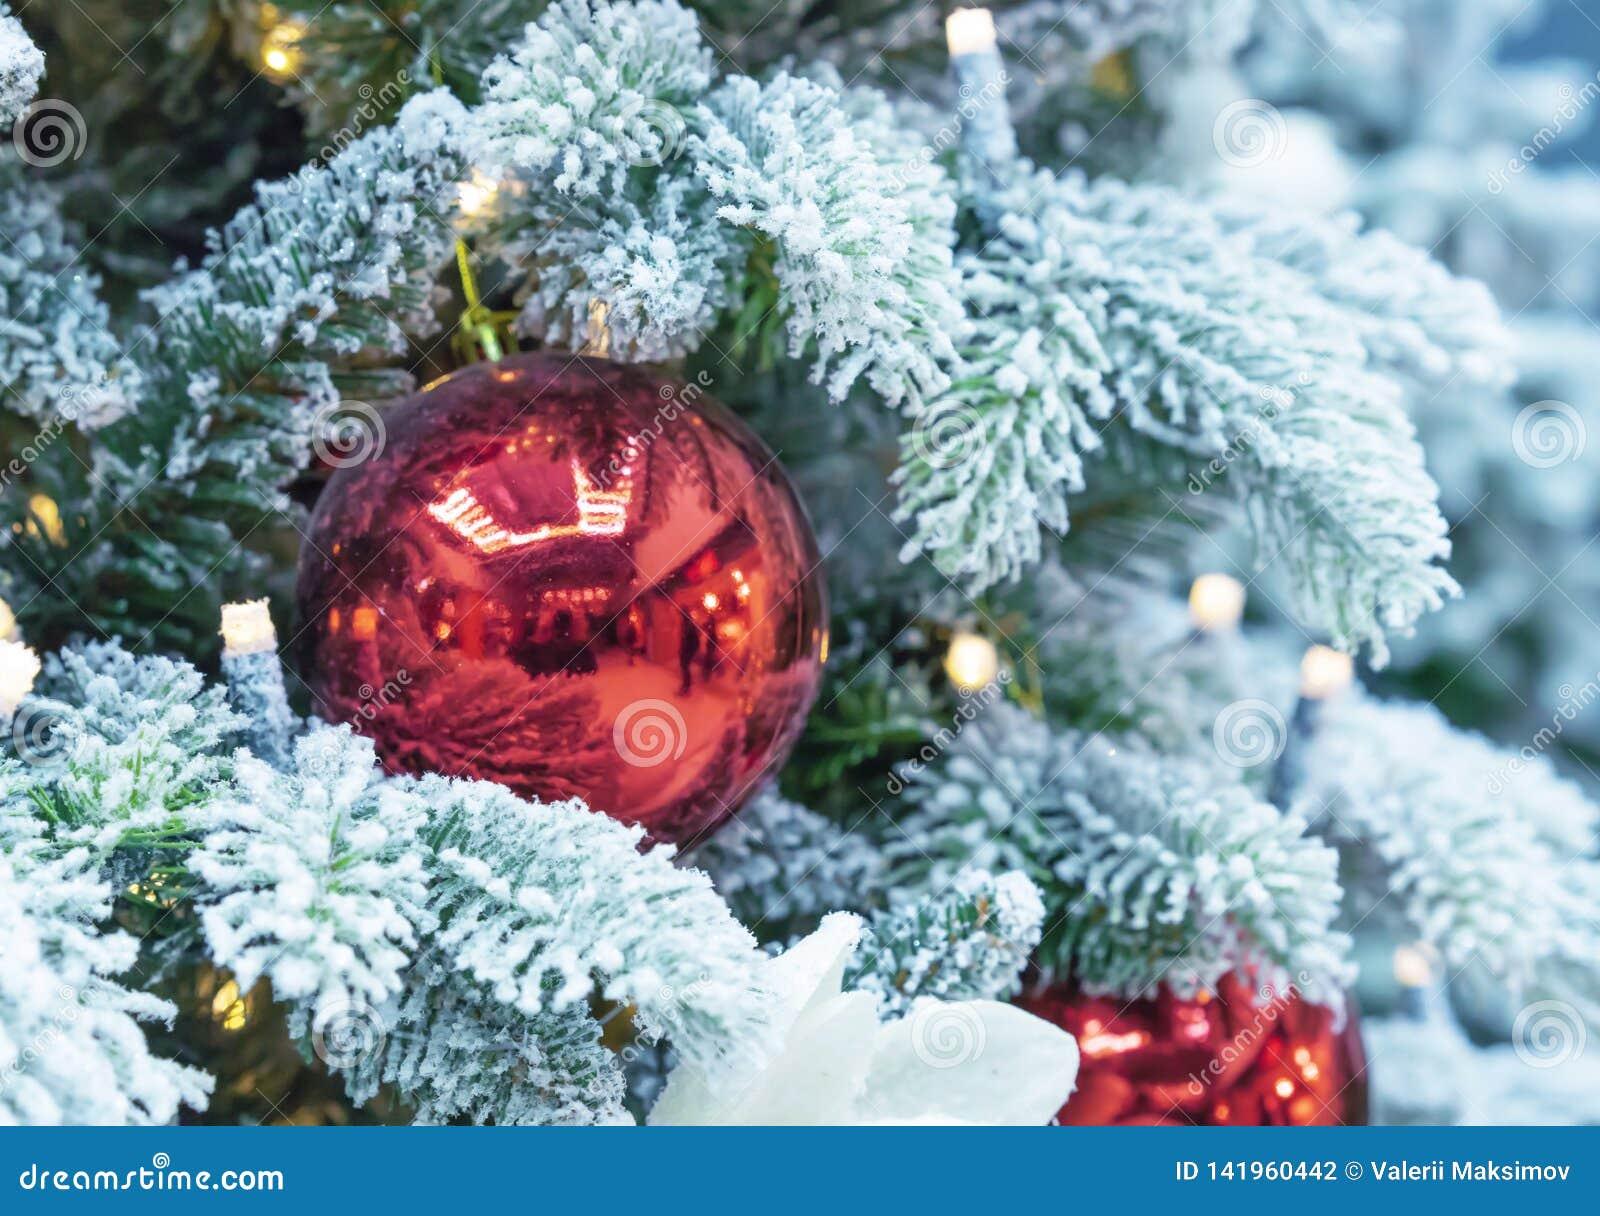 Arbre de Noël couvert de neige décoré des boules rouges et d une guirlande